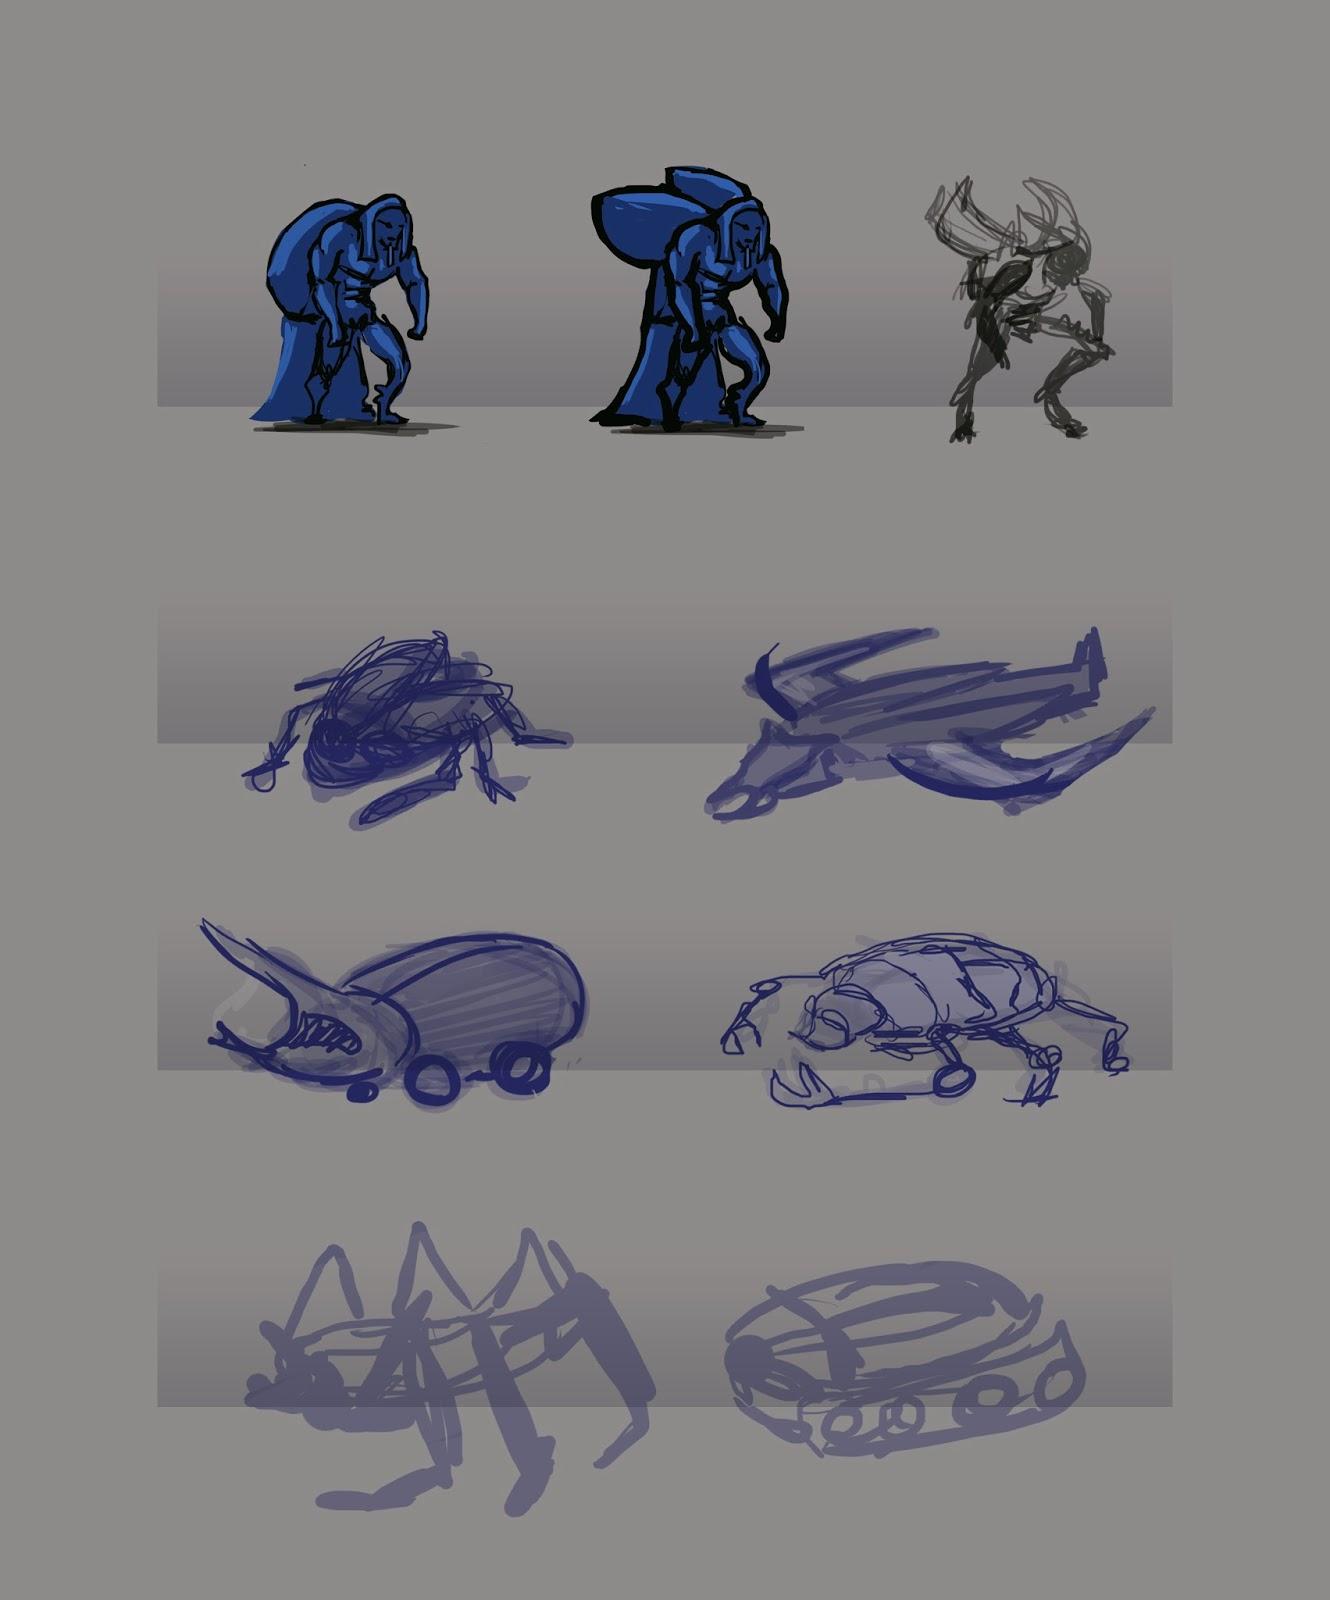 Blue Beetle Concept Art